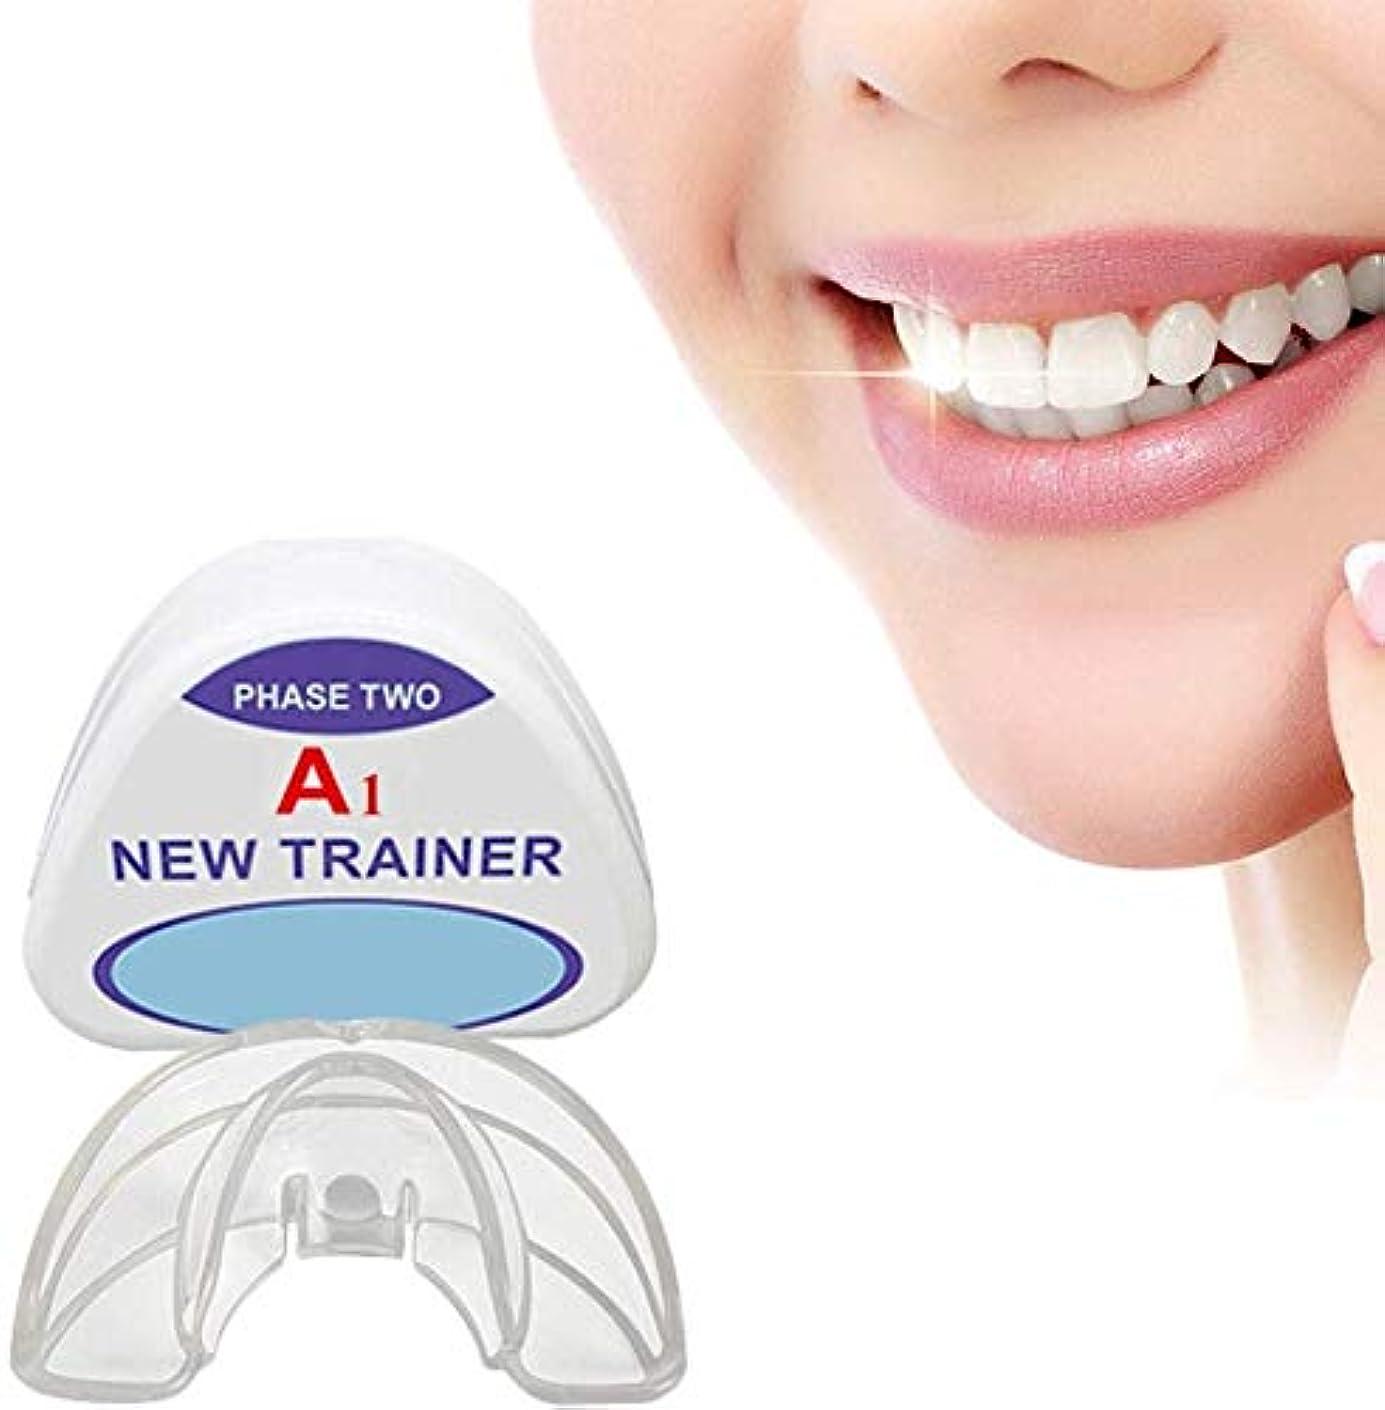 限界さておきジェスチャー歯列矯正リテーナー、矯正歯科トレーナー歯アプライアンスアライメントブレース歯整列固定器ナイト歯科マウスガード矯正装置 (Color : A1)